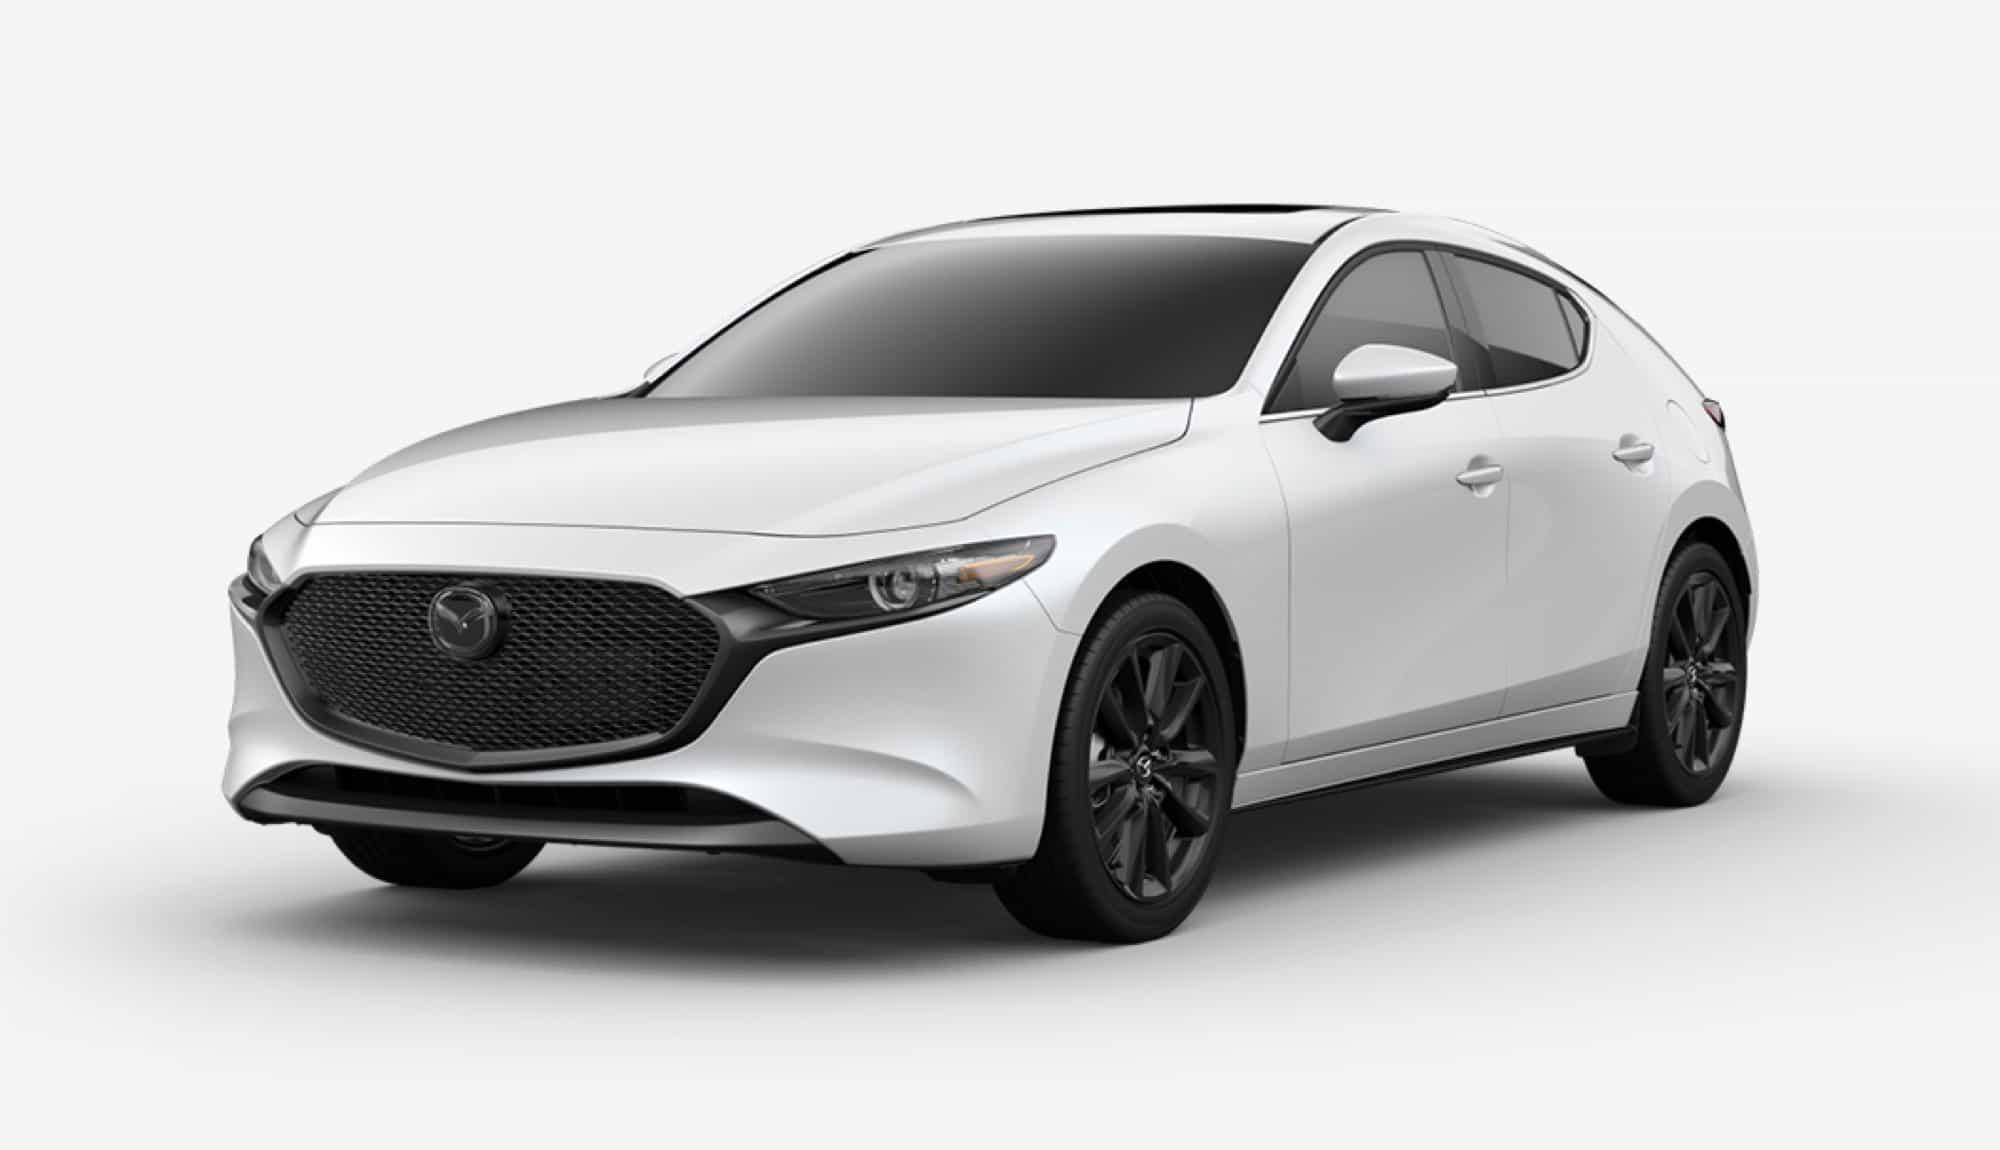 2020 Mazda3 Hatchback, Snowflake White Pearl Mica